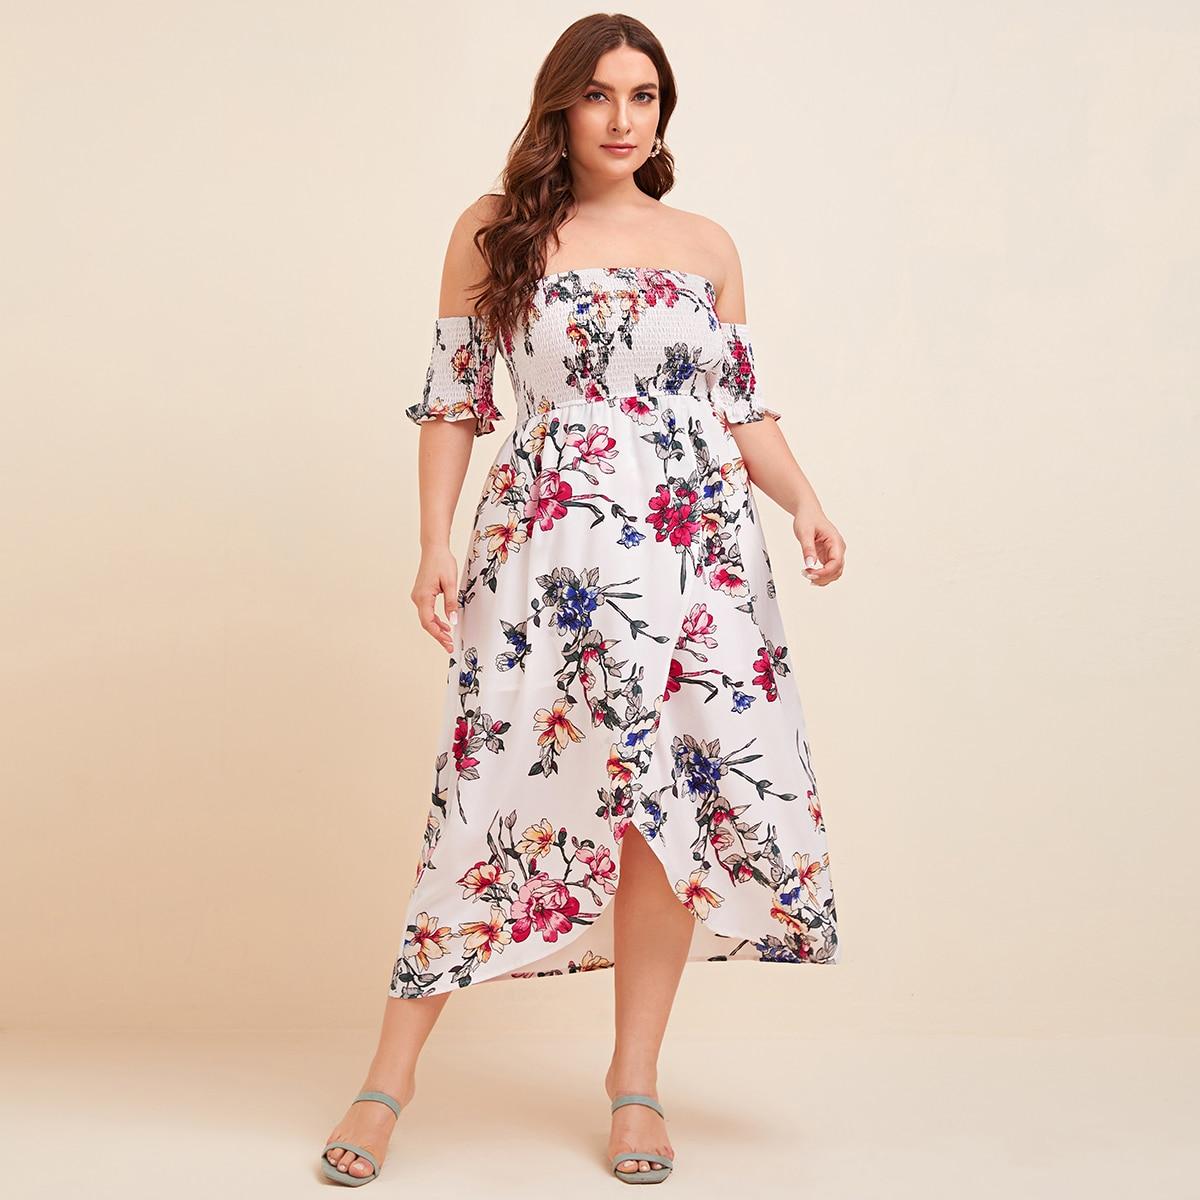 Платье на запах размера плюс с цветочным принтом и открытыми плечами фото